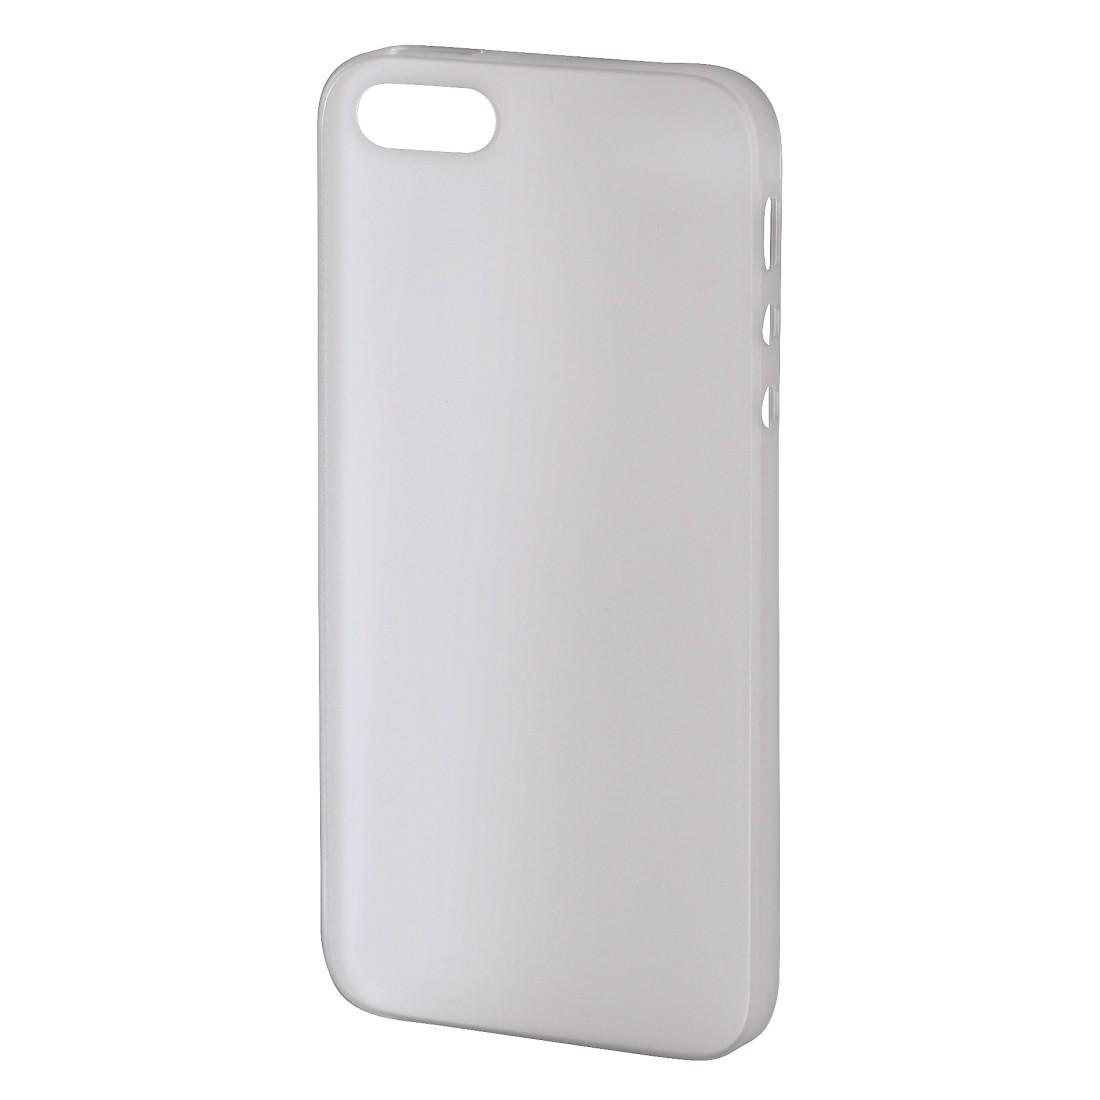 00135137 Hama Ultra Slim Cover For Apple Iphone 6 Plus 6s Plus White Hama De